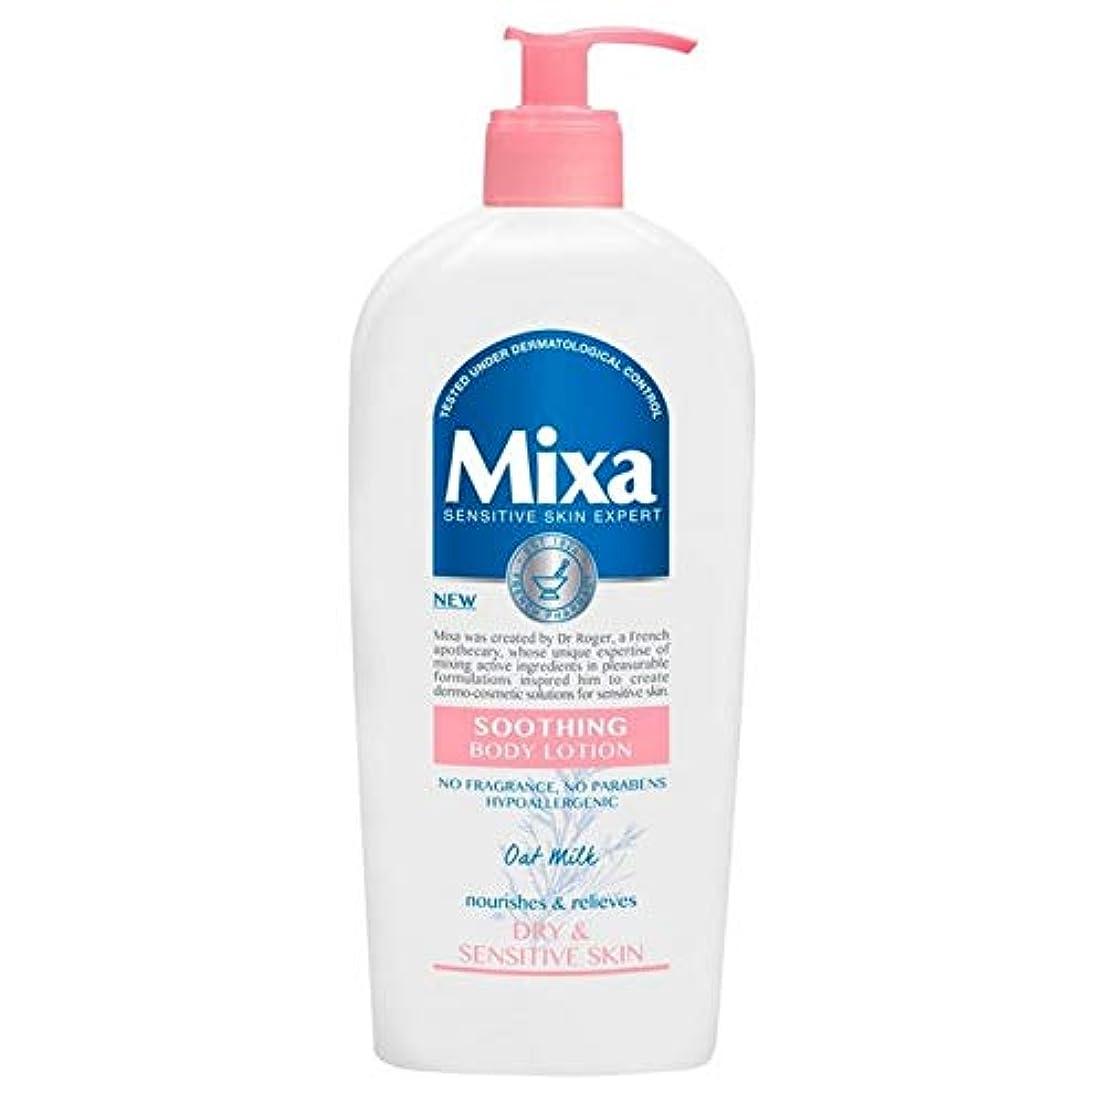 透明に降ろす悪因子[Mixa] Mixaなだめるボディローション400ミリリットル - Mixa Soothing Body Lotion 400ml [並行輸入品]